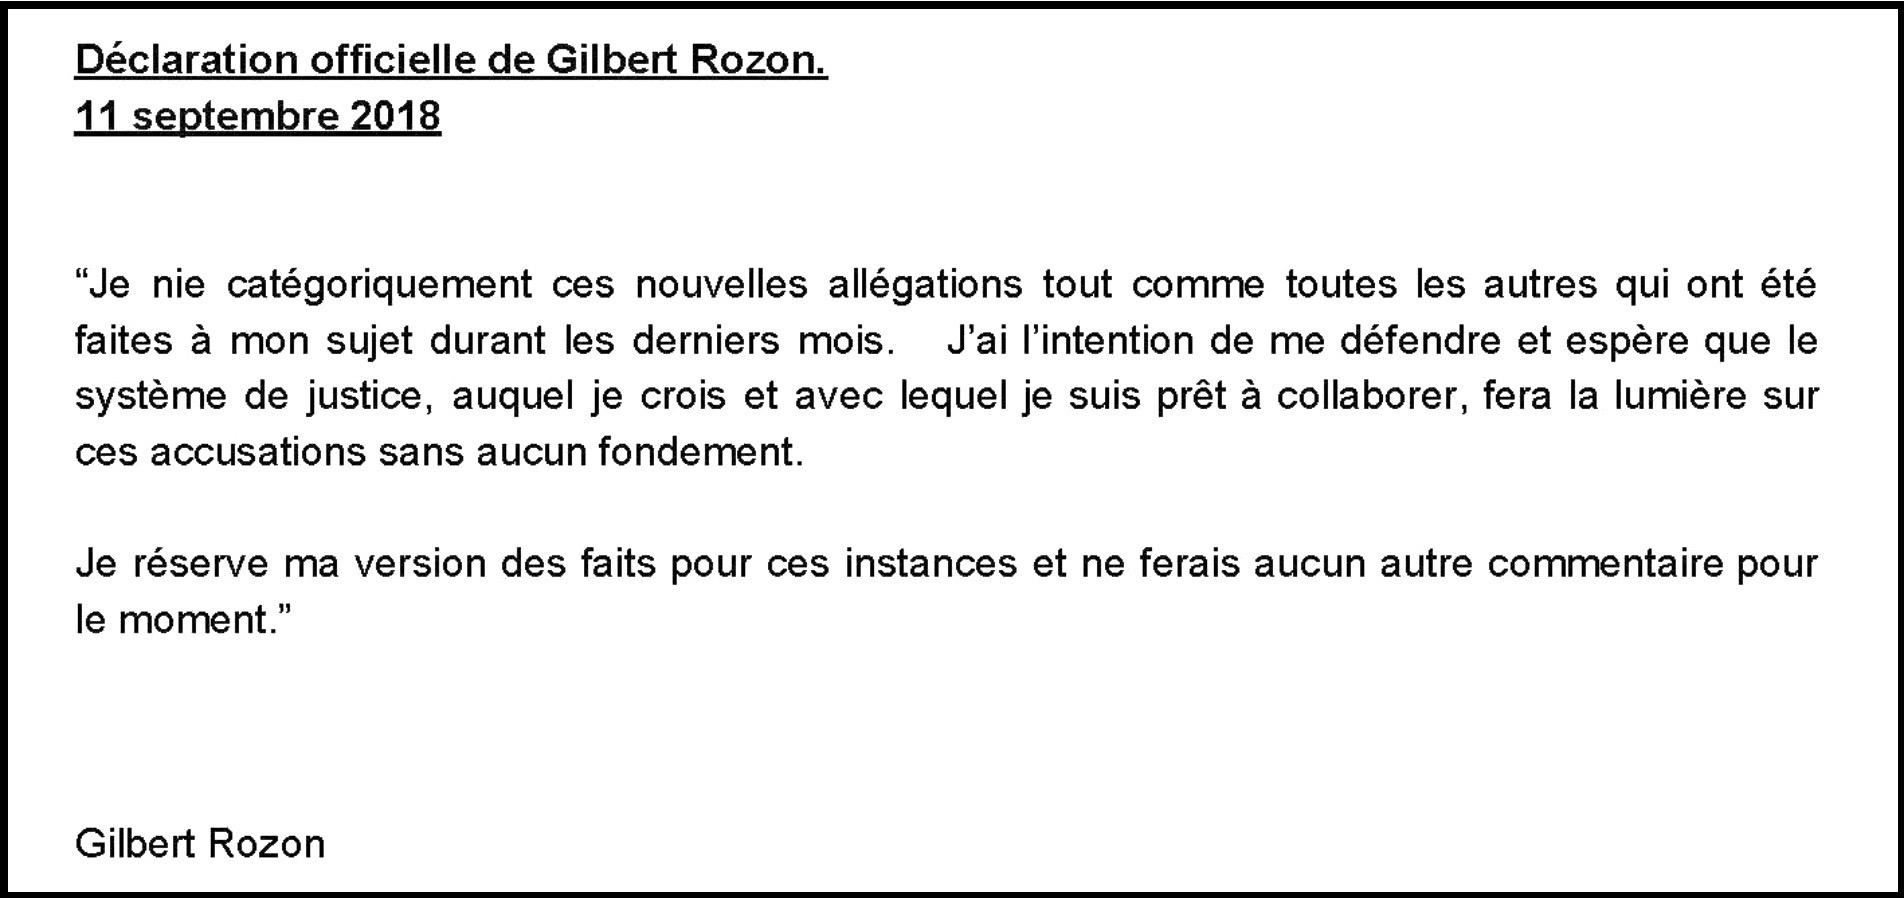 Gilbert Rozon a diffusé une déclaration sur son compte Twitter à la suite des allégations à son sujet...